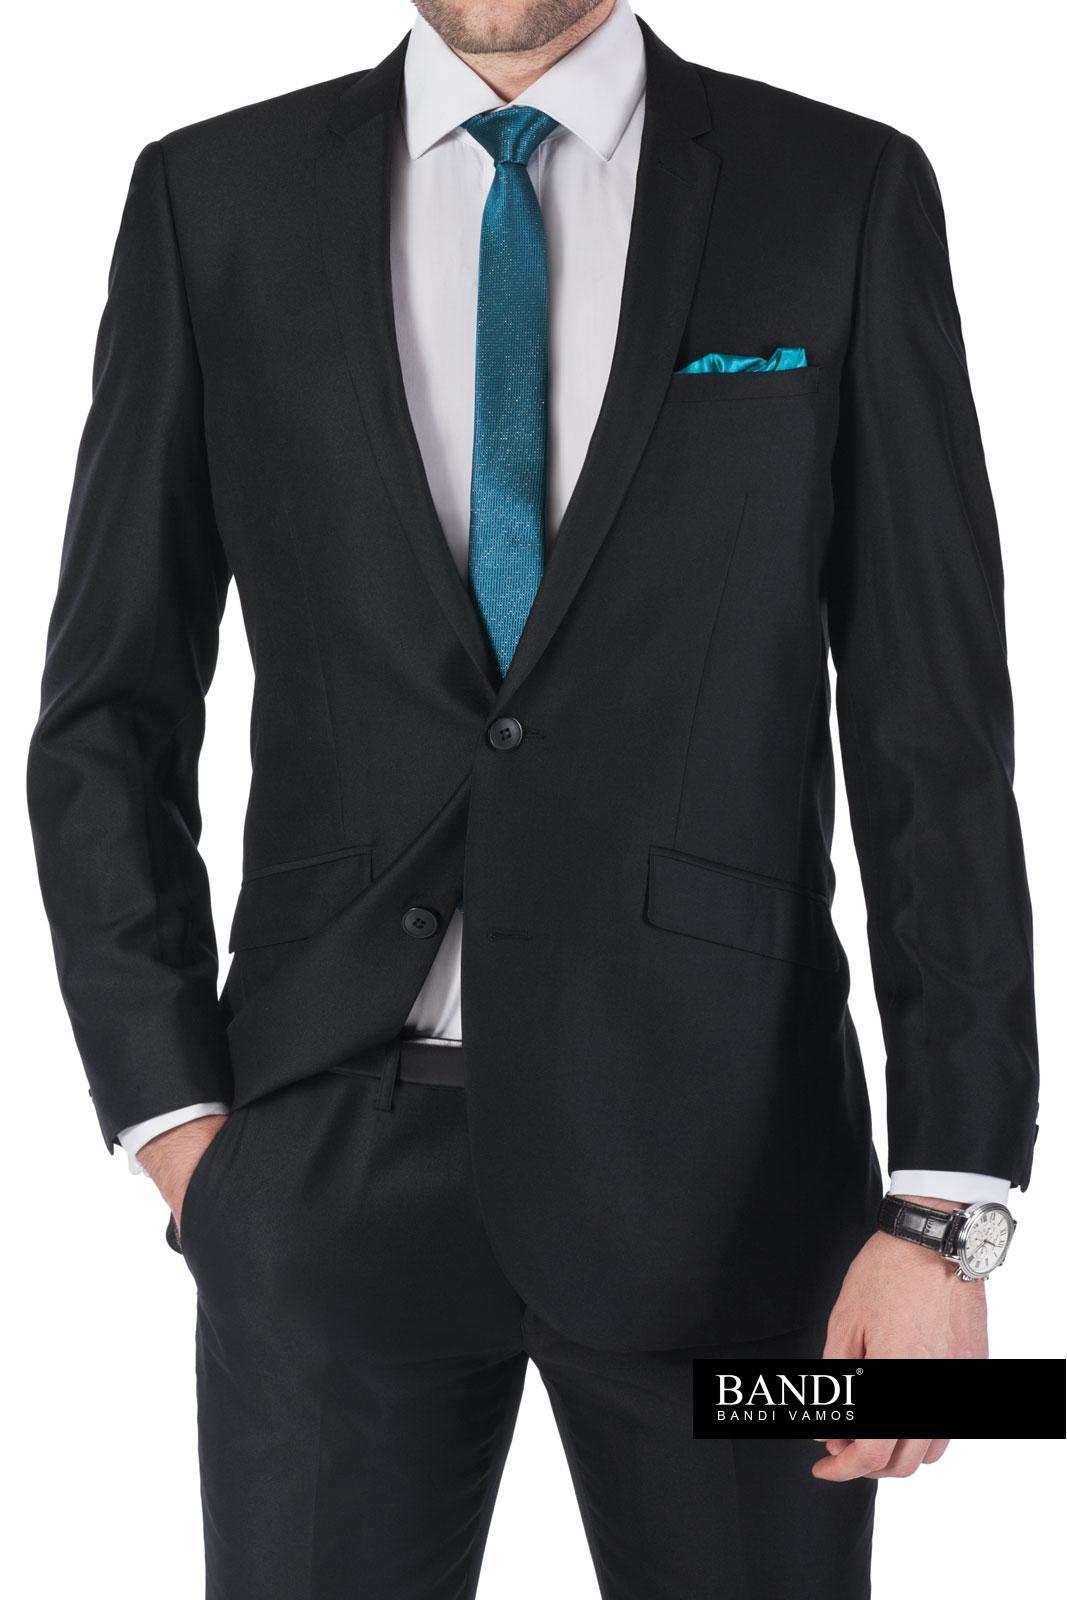 Příklad vhodné kravaty na maturitní ples